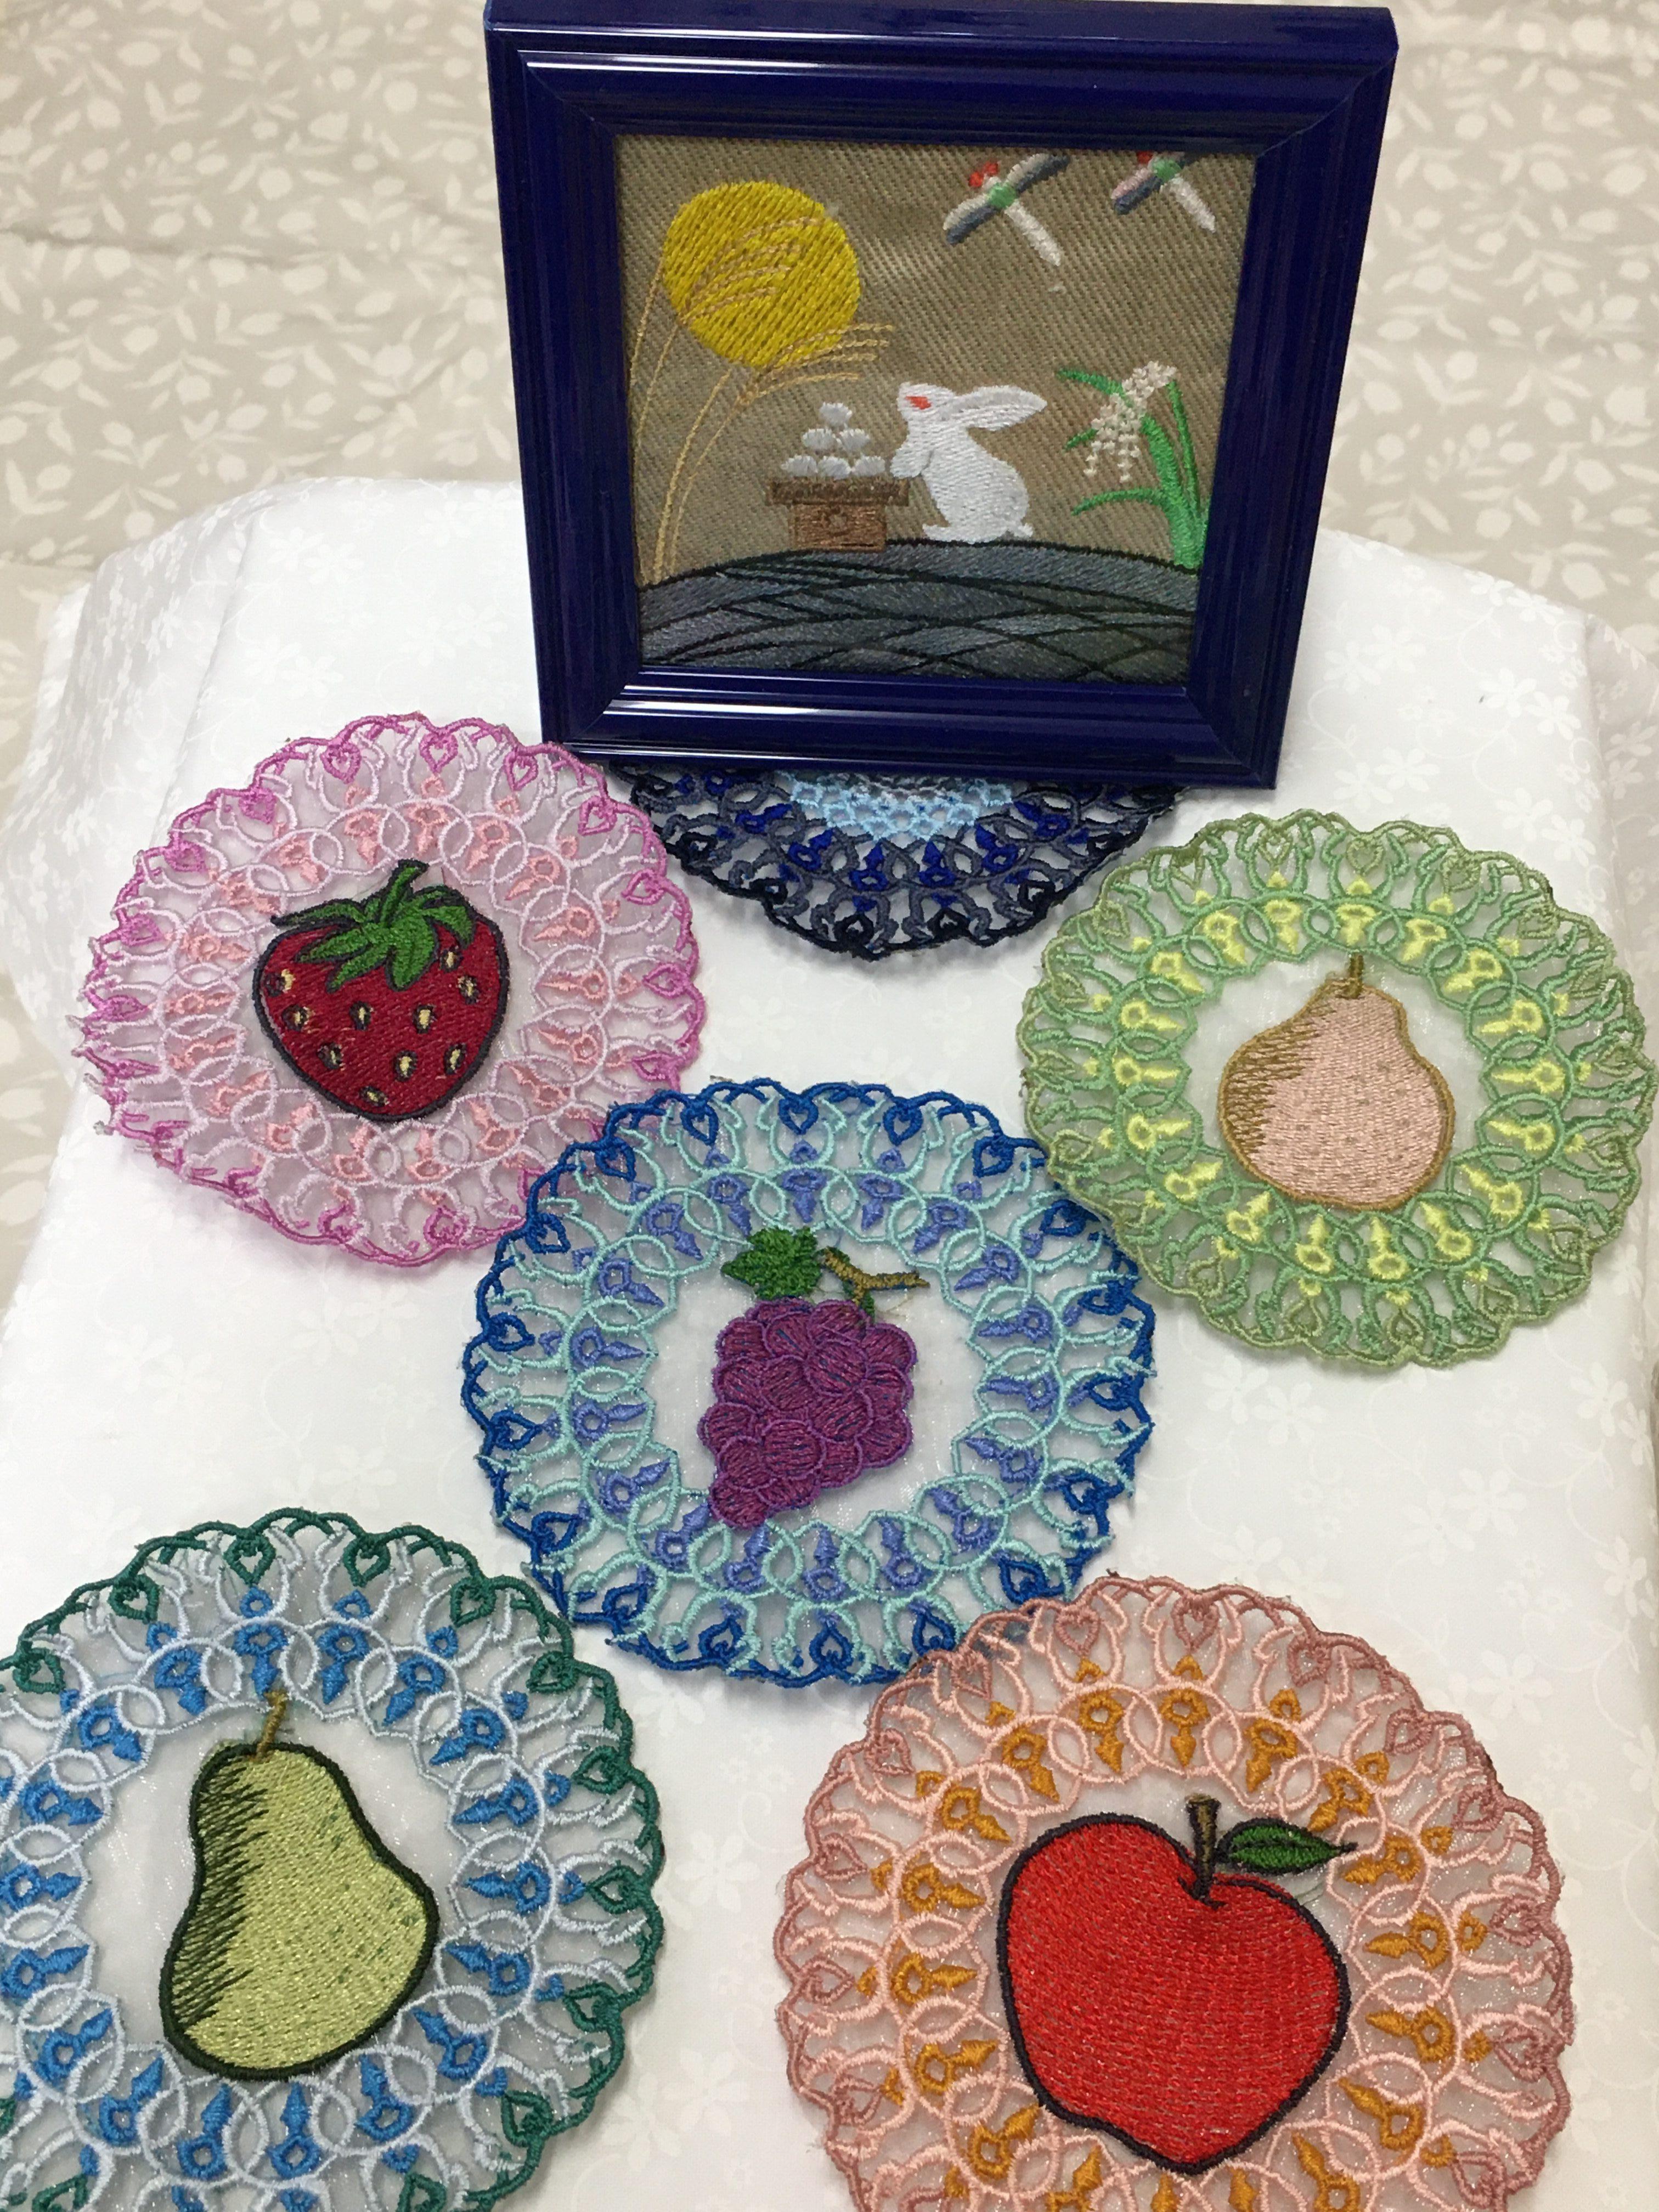 『DECO刺繍CD』早速試し縫いをして頂きました。感謝!! パート4